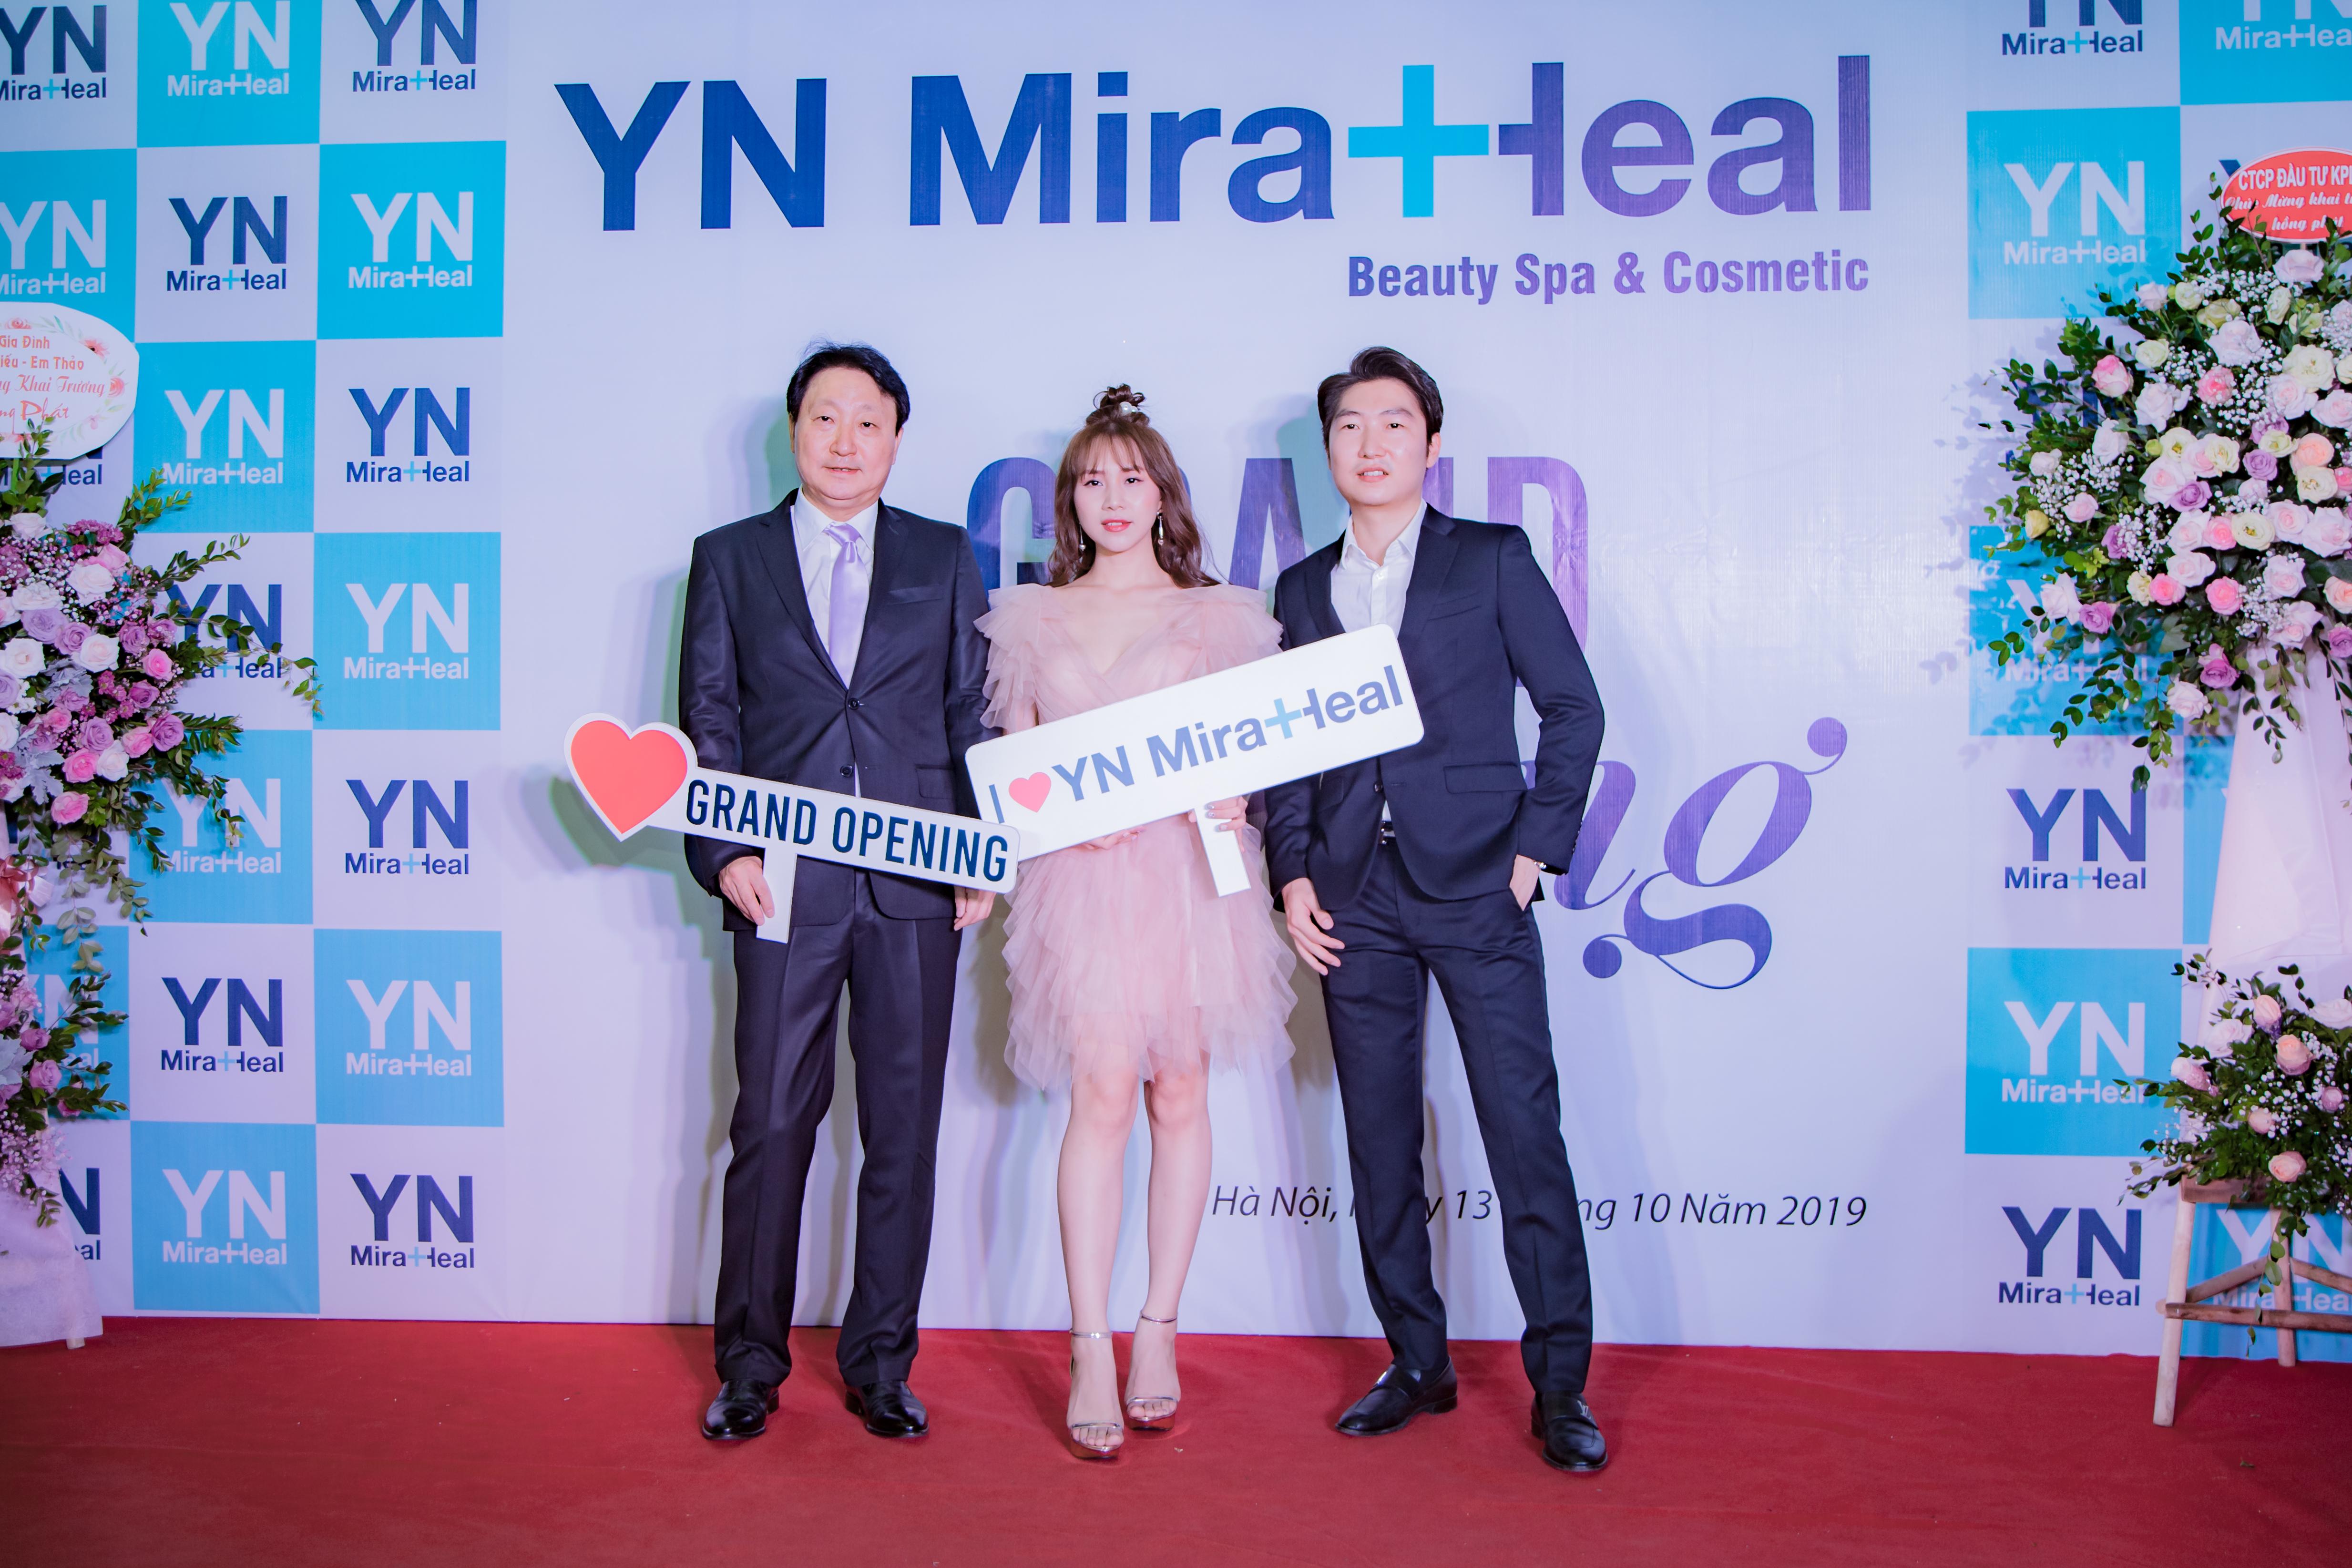 Tiến sĩ Choi Byung Ik là người sáng lập Viện Da liễu Yein và thương hiệu dược mỹ phẩm YN Miraheal